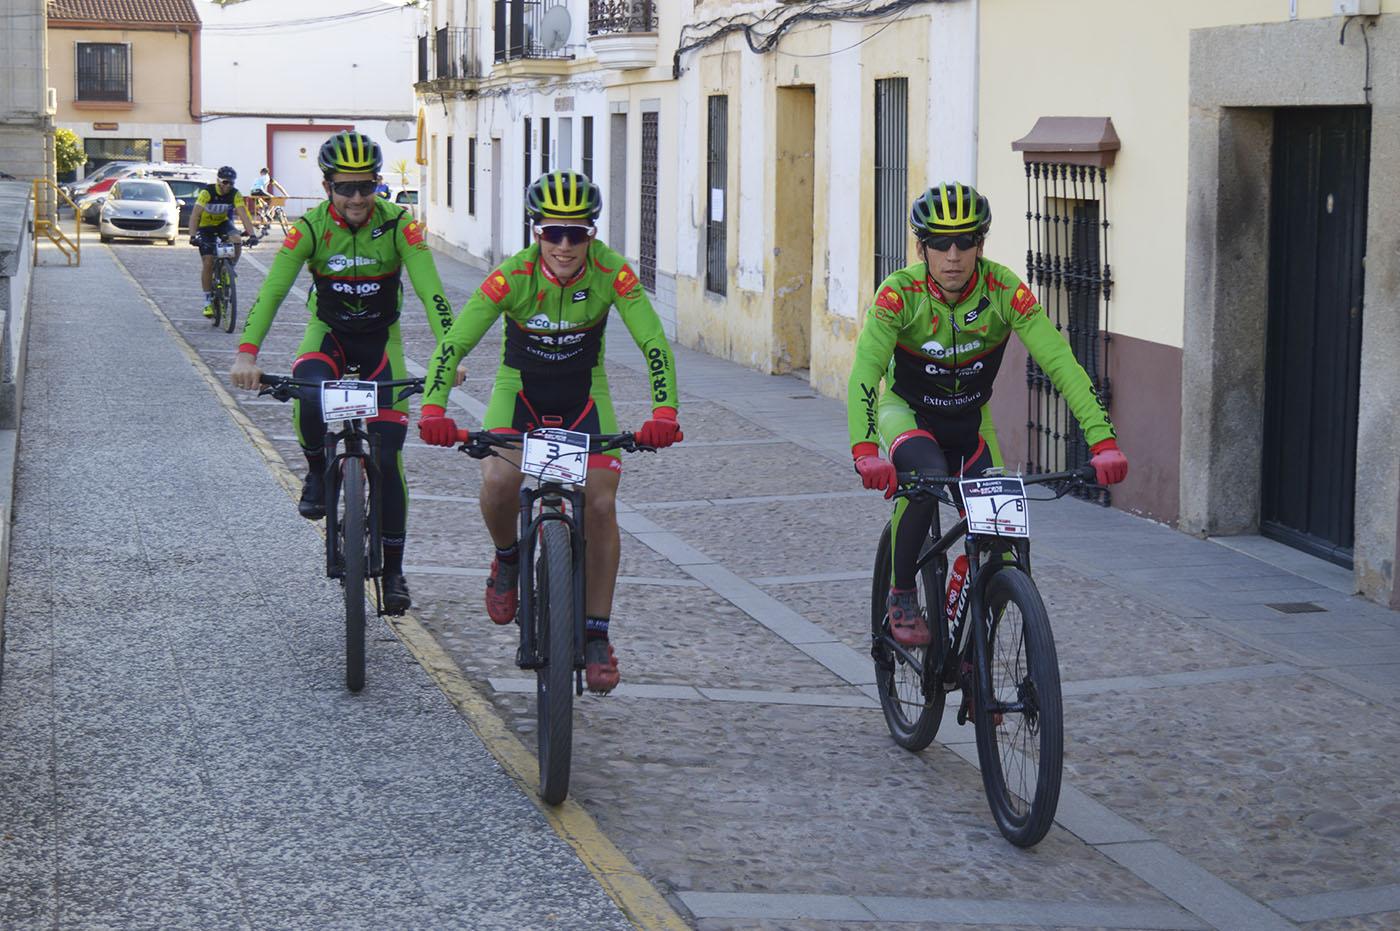 Los tres corredores del Extremadura-Ecopilas que participan en Mediterranean Epic by Gaes, Pedro Romero, Dani Carreño y Manu Cordero.